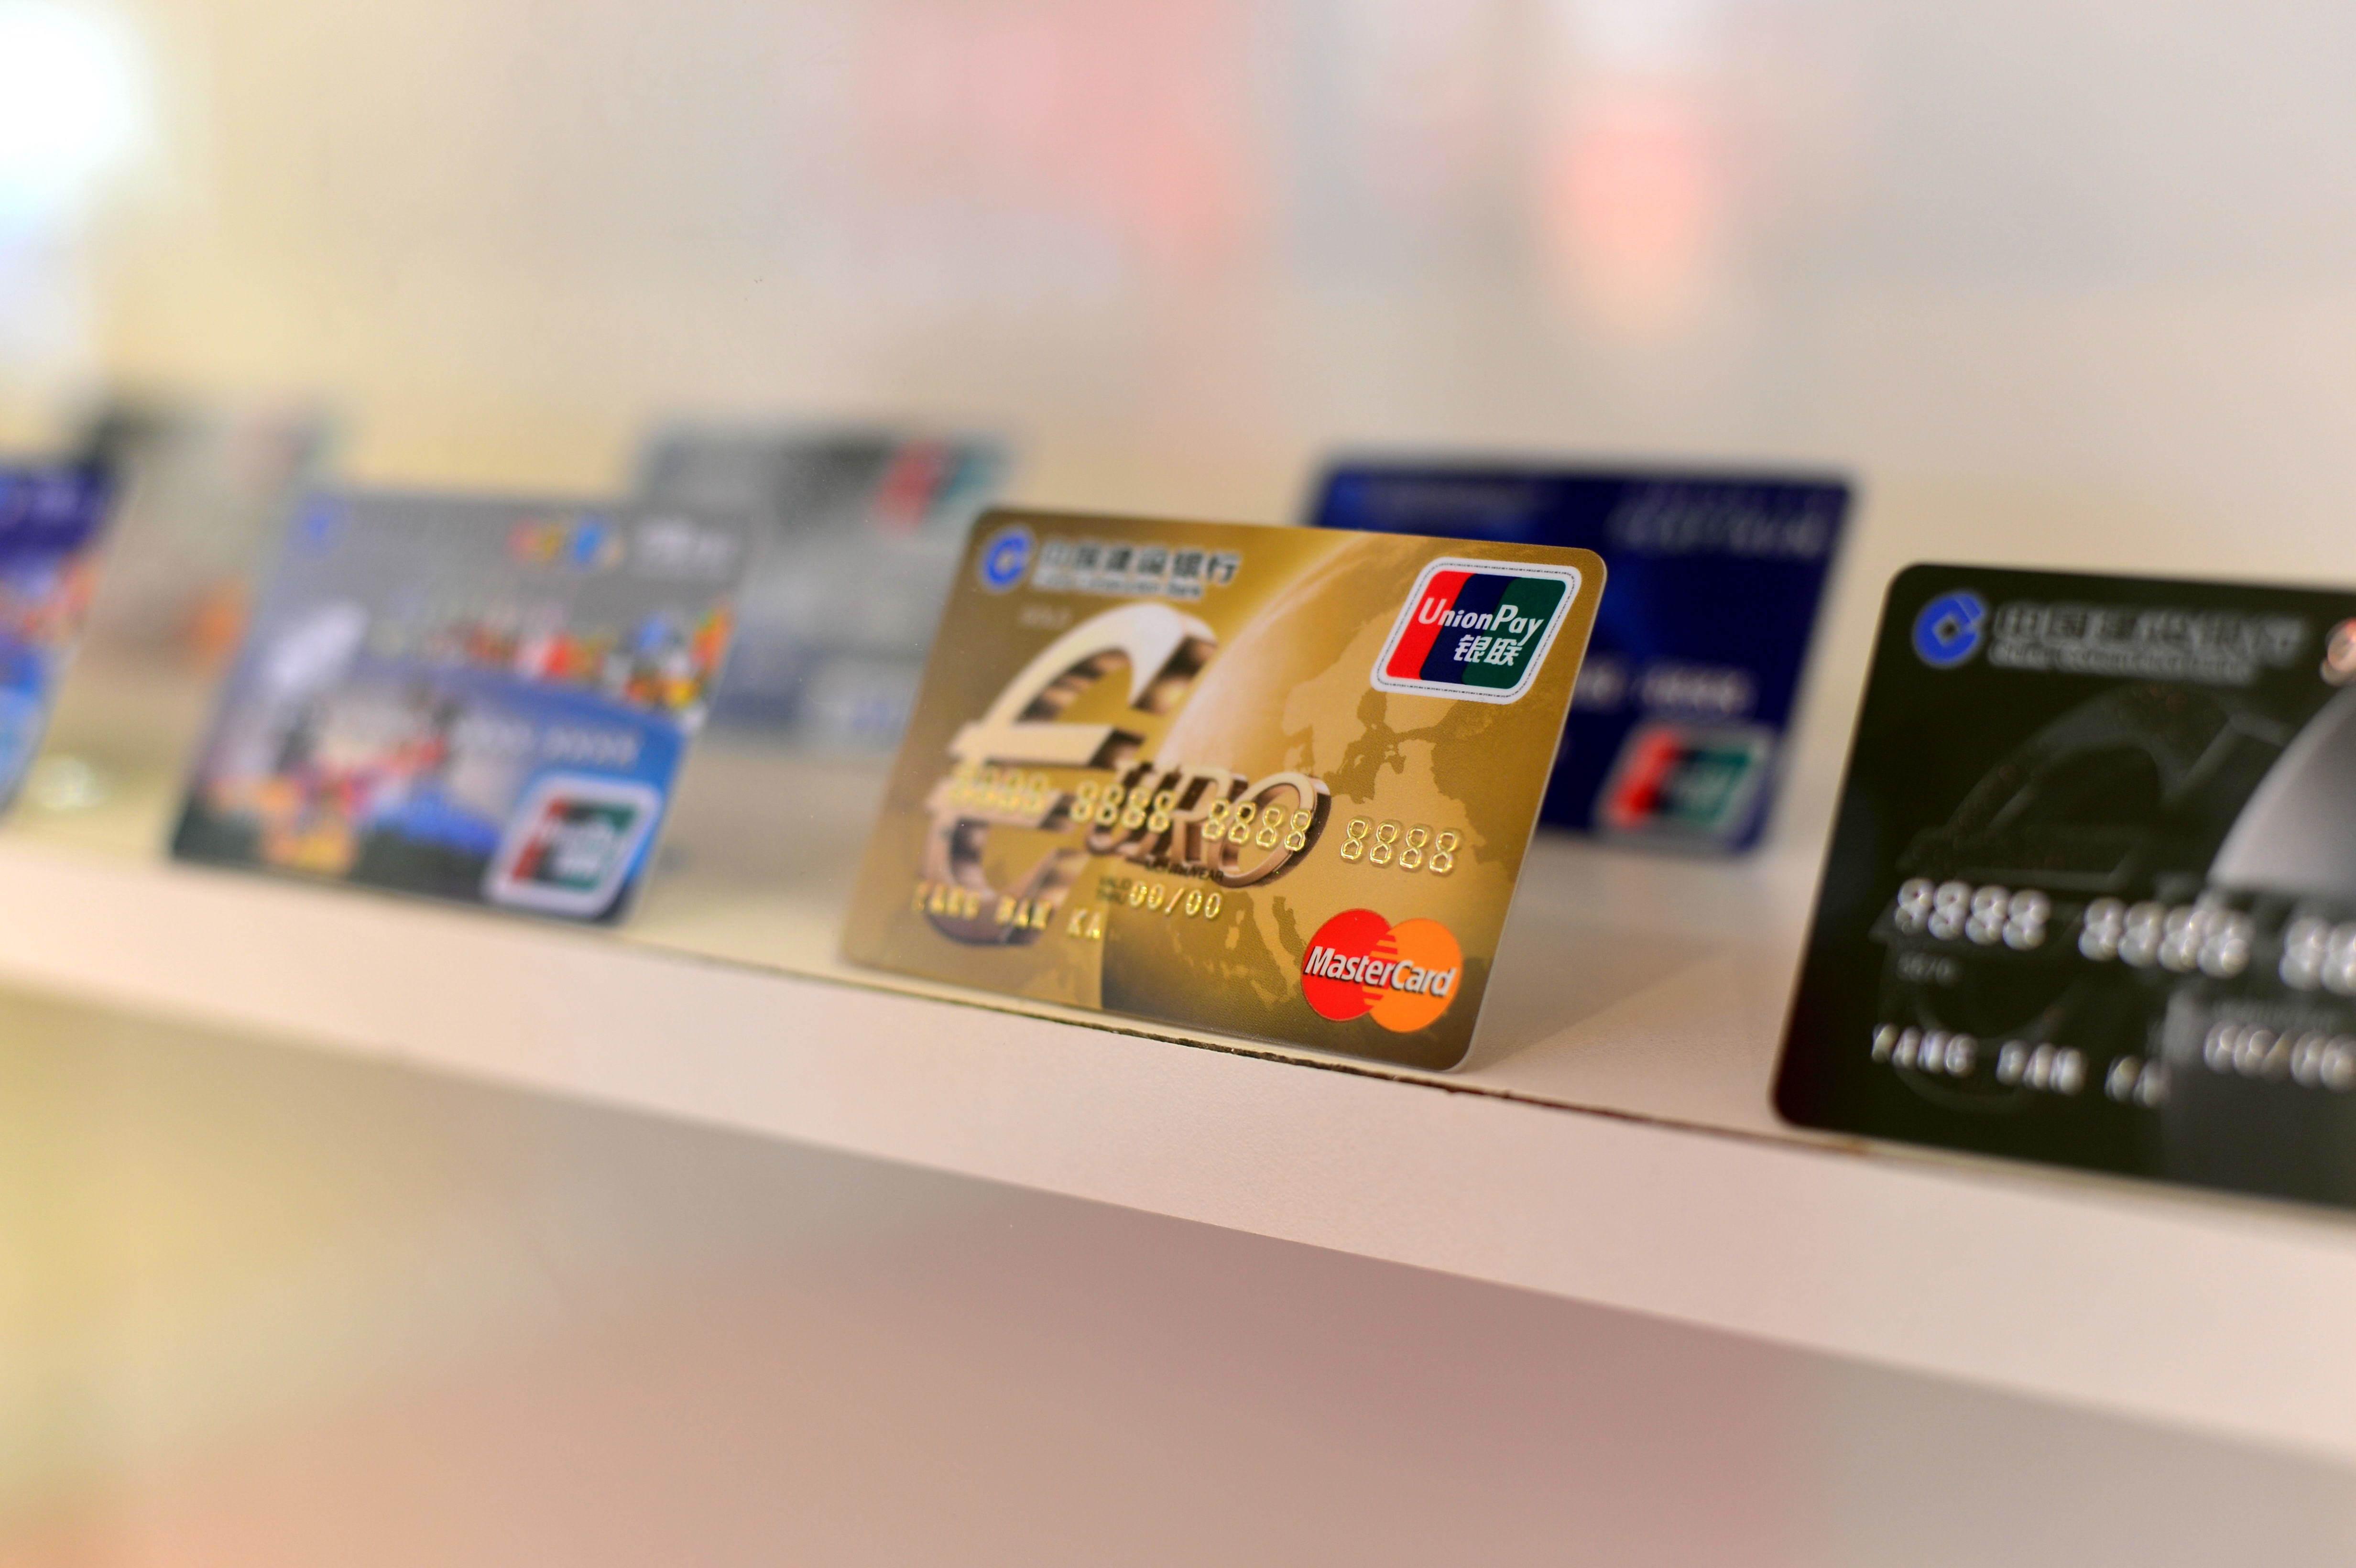 信用卡超额使用会上征信吗?对持卡人有什么影响?